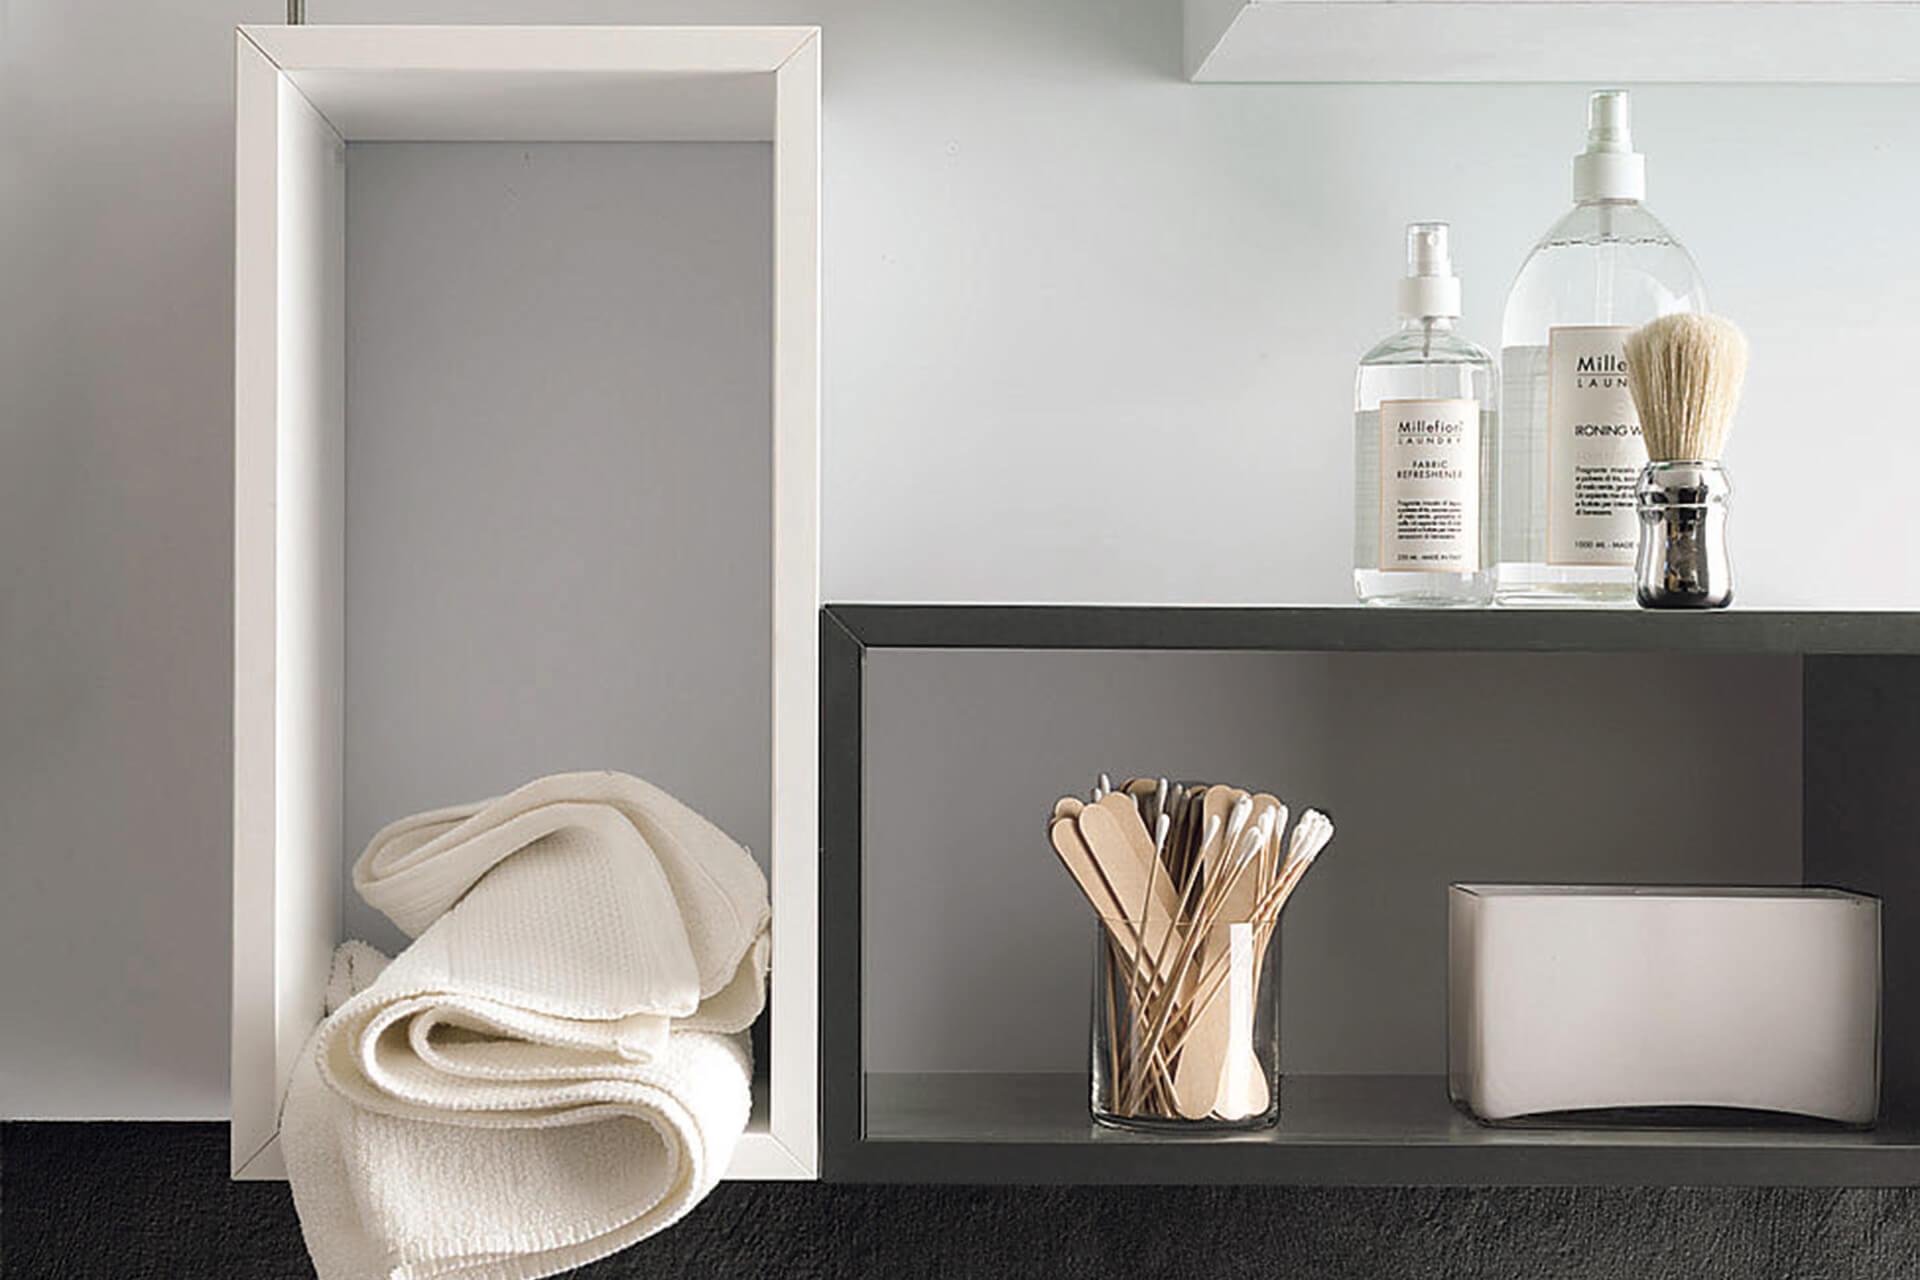 Arredo bagno design magnetika ronda design - Mensole bagno design ...